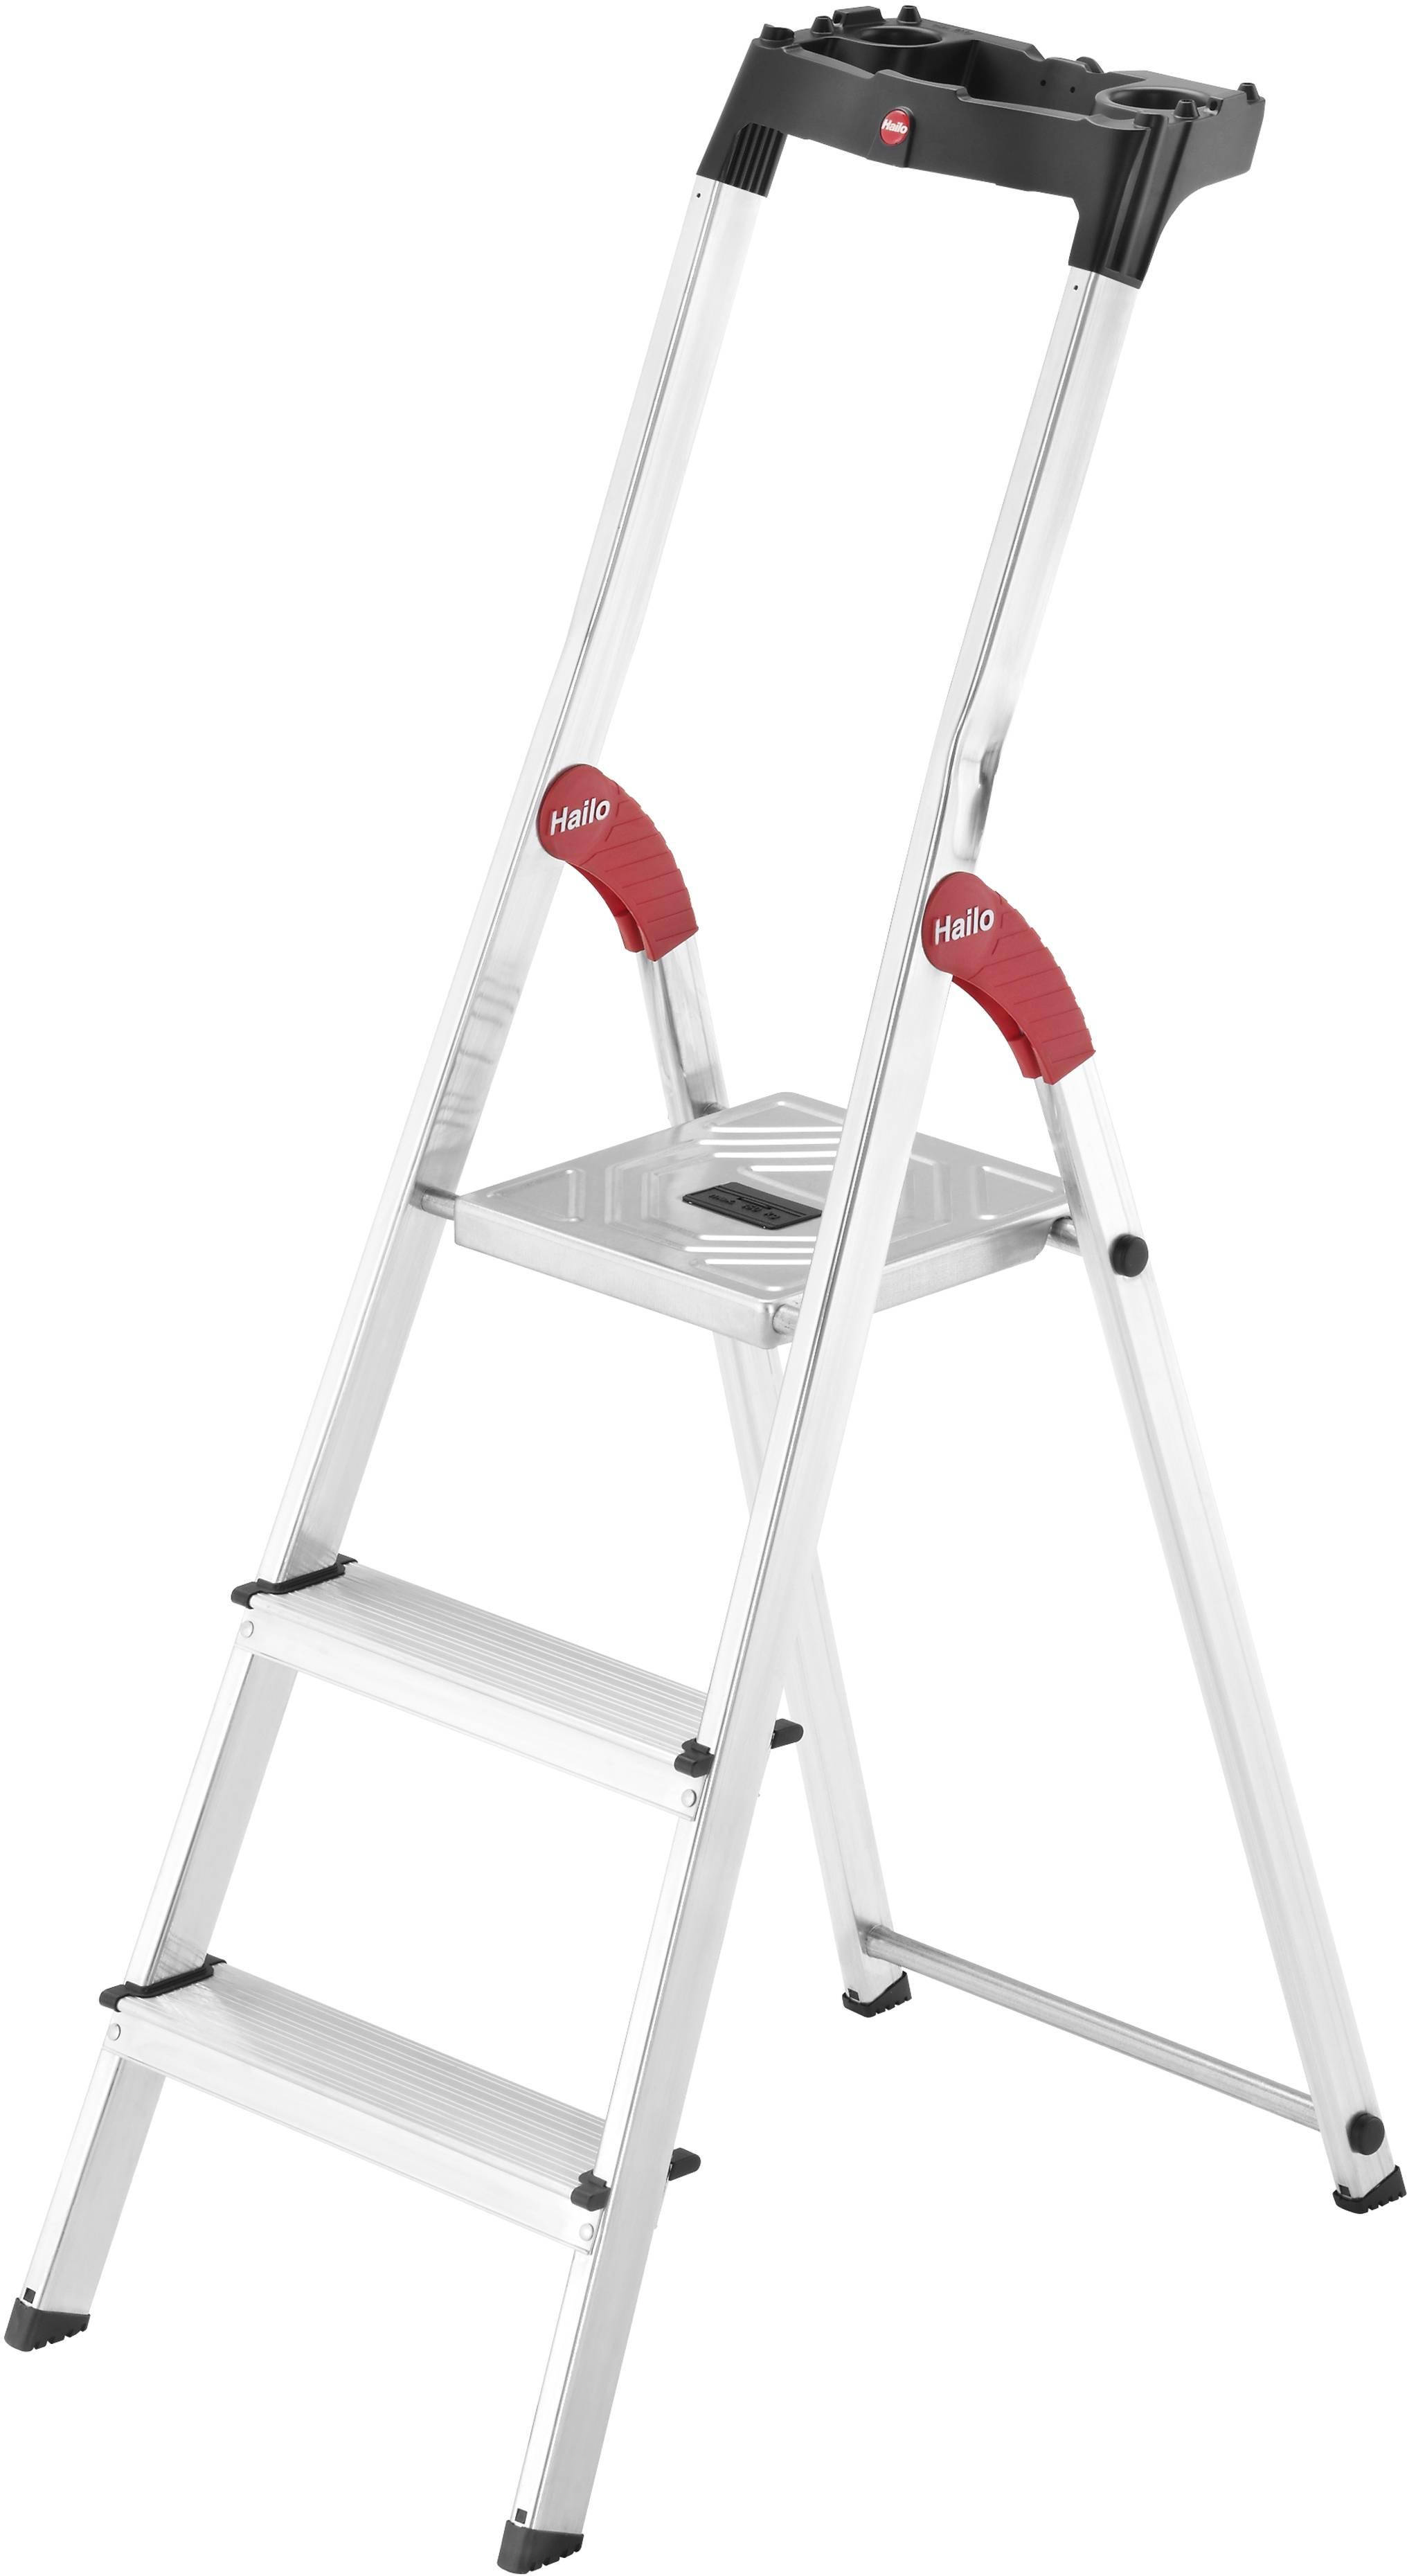 Newpo Klapptritt 150 kg Traglast Stehleiter Haushaltsleiter Trittleiter Klappstufen Klapptritt Klappleiter 3 Stufen Schwarz